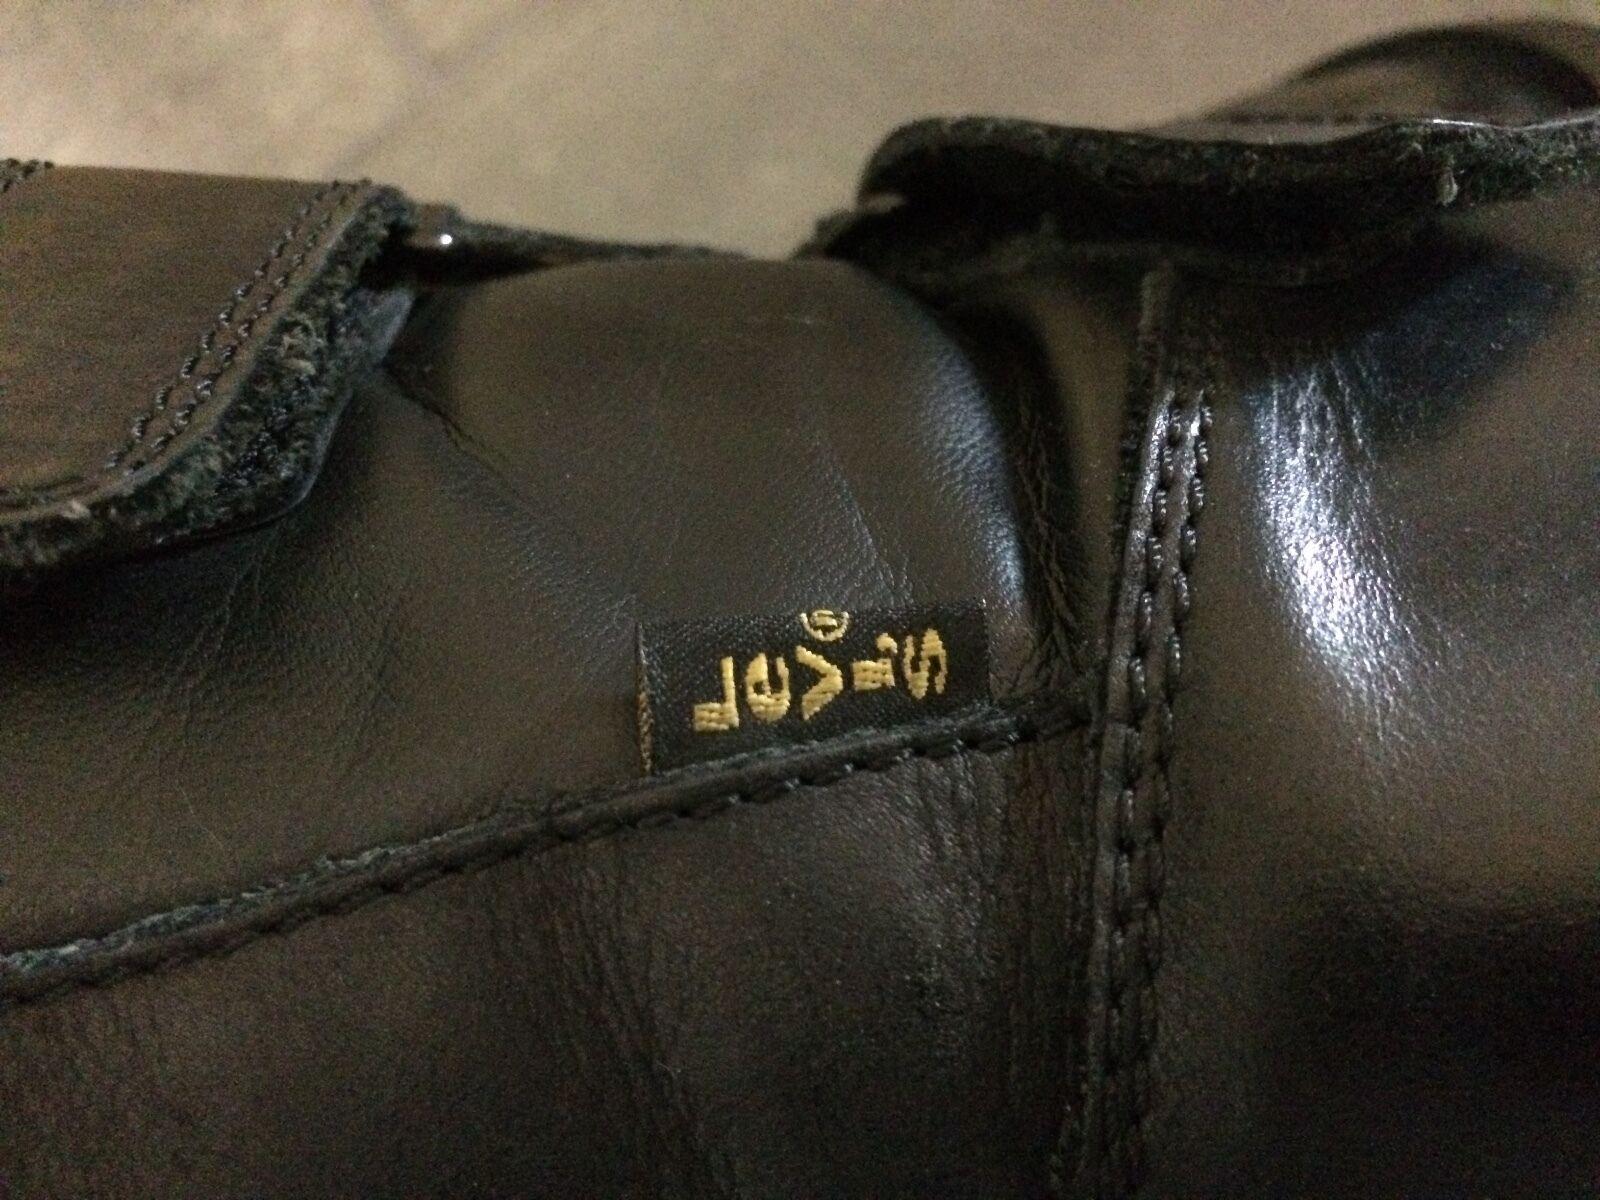 Levis Stiefel Hoch Gr. 40 Gebraucht - 6 1/2  Gebraucht 40 b7f38b